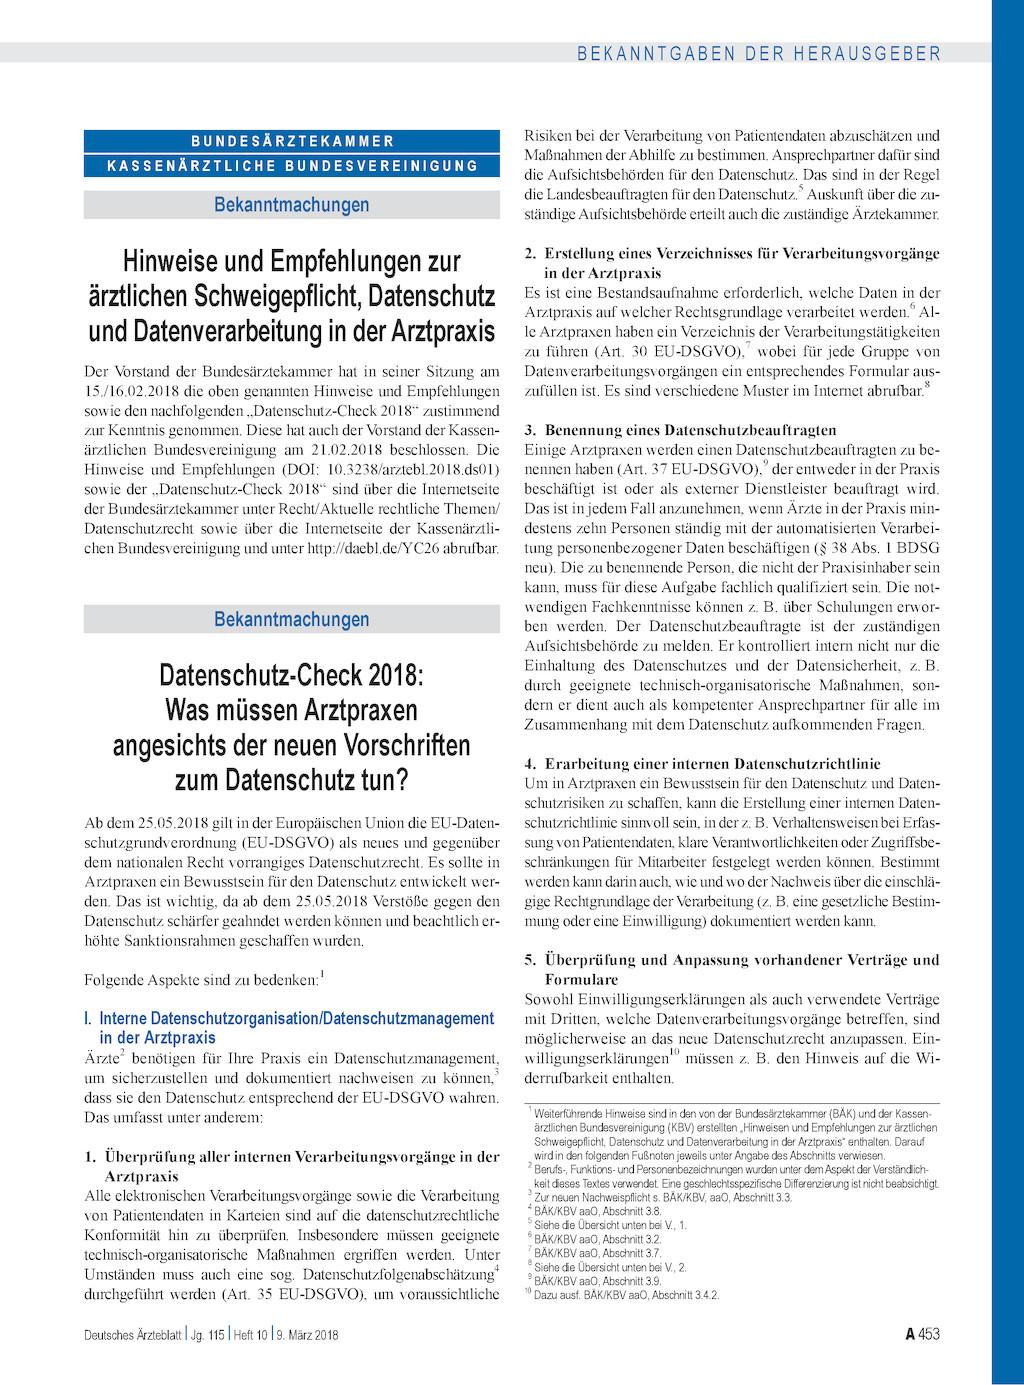 datenschutz check 2018 was mssen arztpraxen angesichts der neuen vorschriften zum datenschutz tun - Einverstandniserklarung Fotos Veroffentlichen Muster